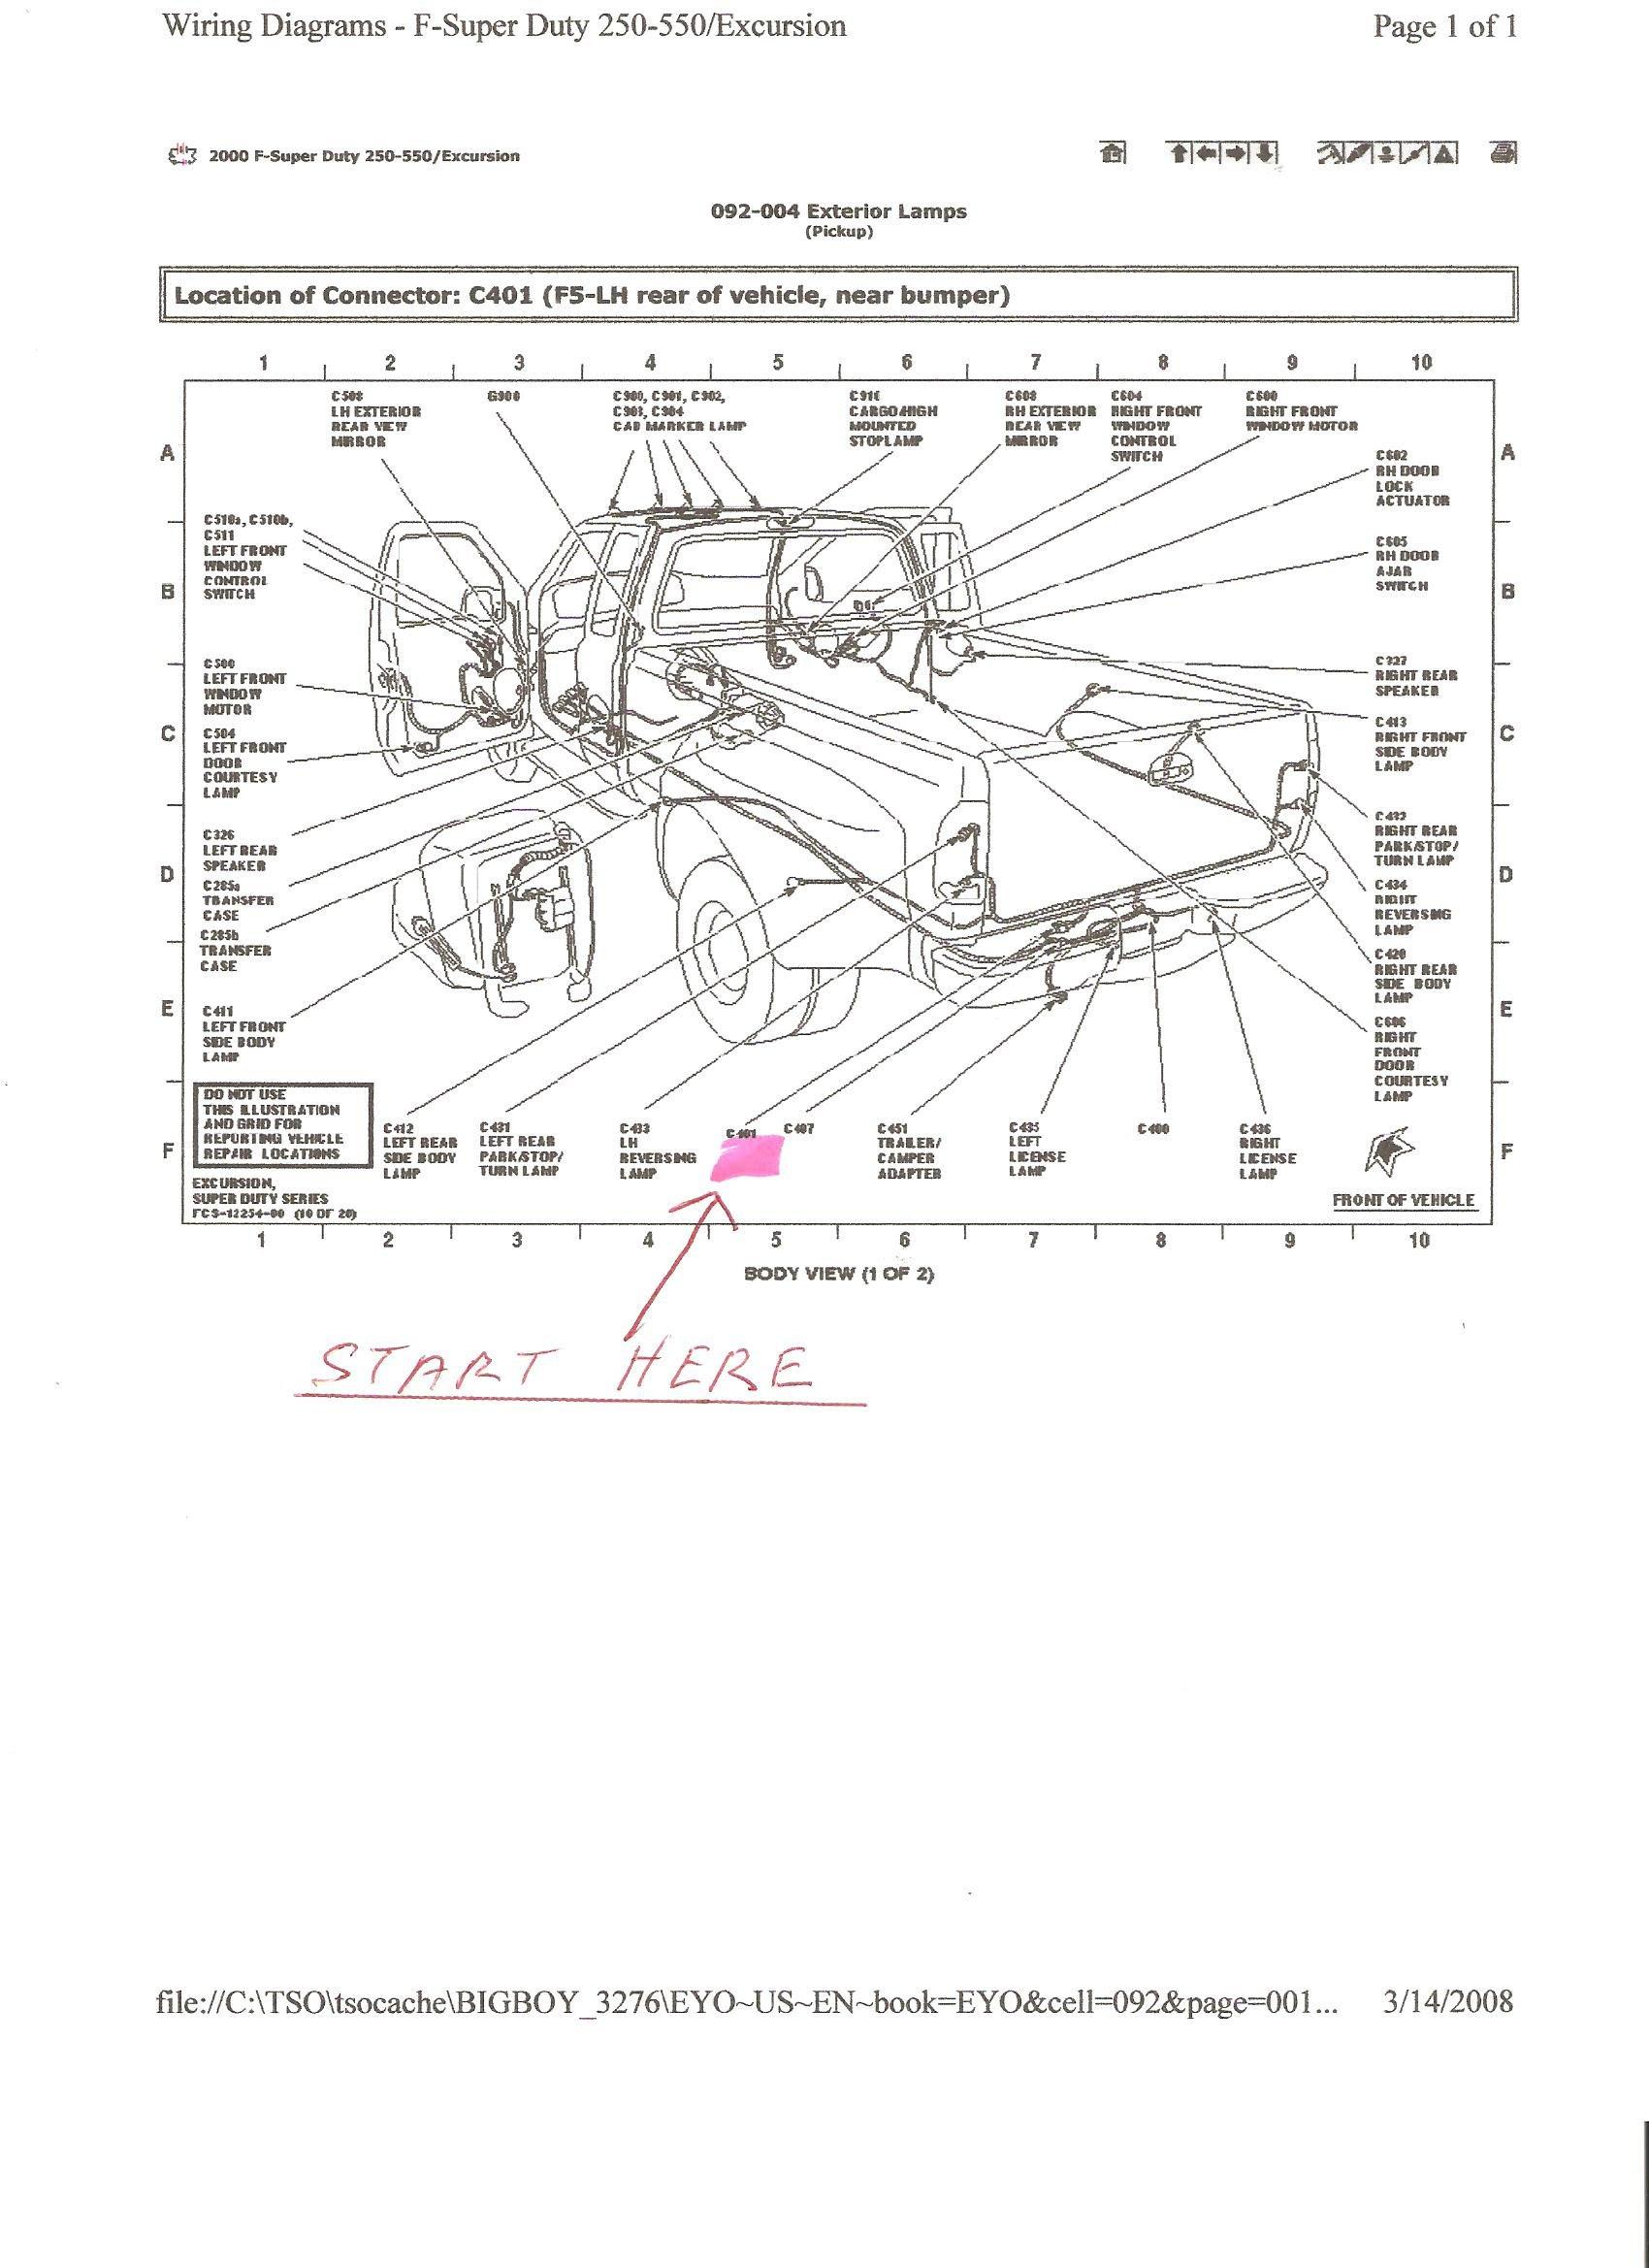 Super Duty Wiring Diagram